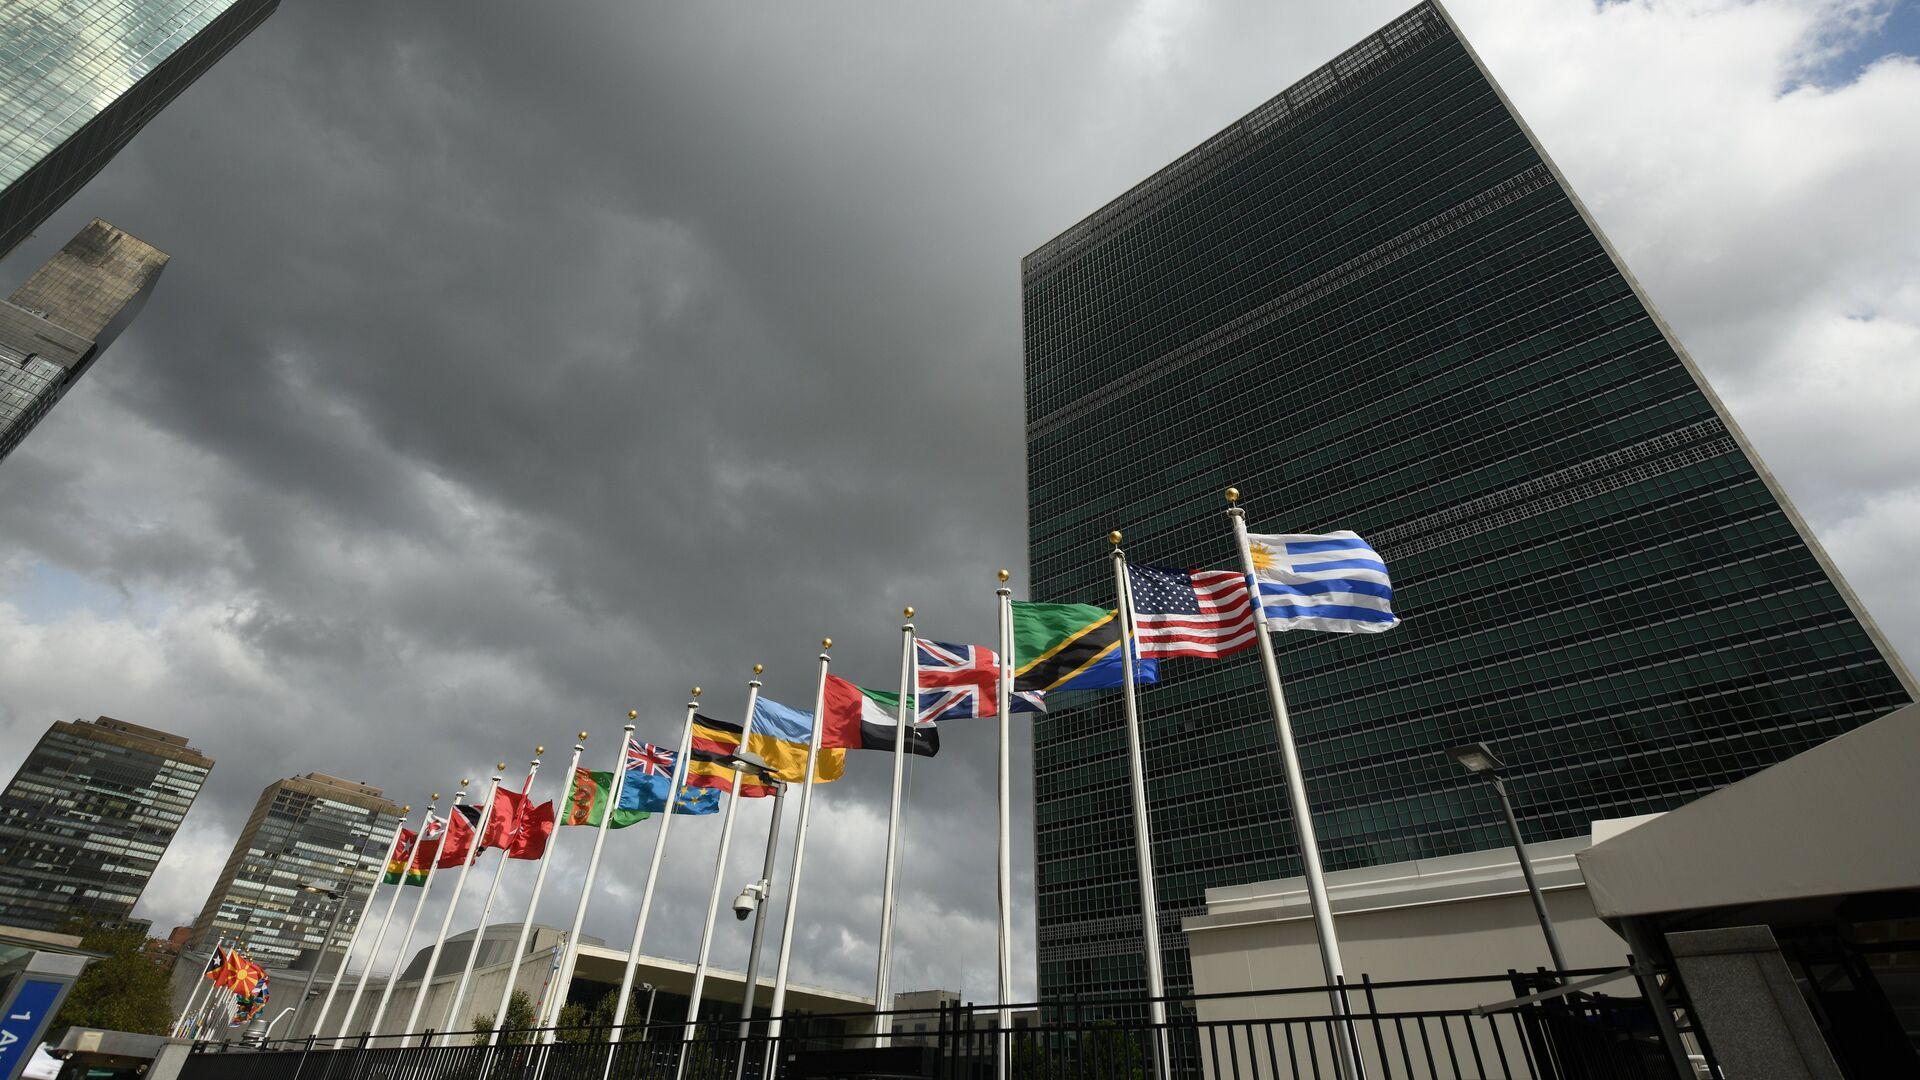 Штаб-квартира Организации Объединенных Наций - РИА Новости, 1920, 13.11.2020